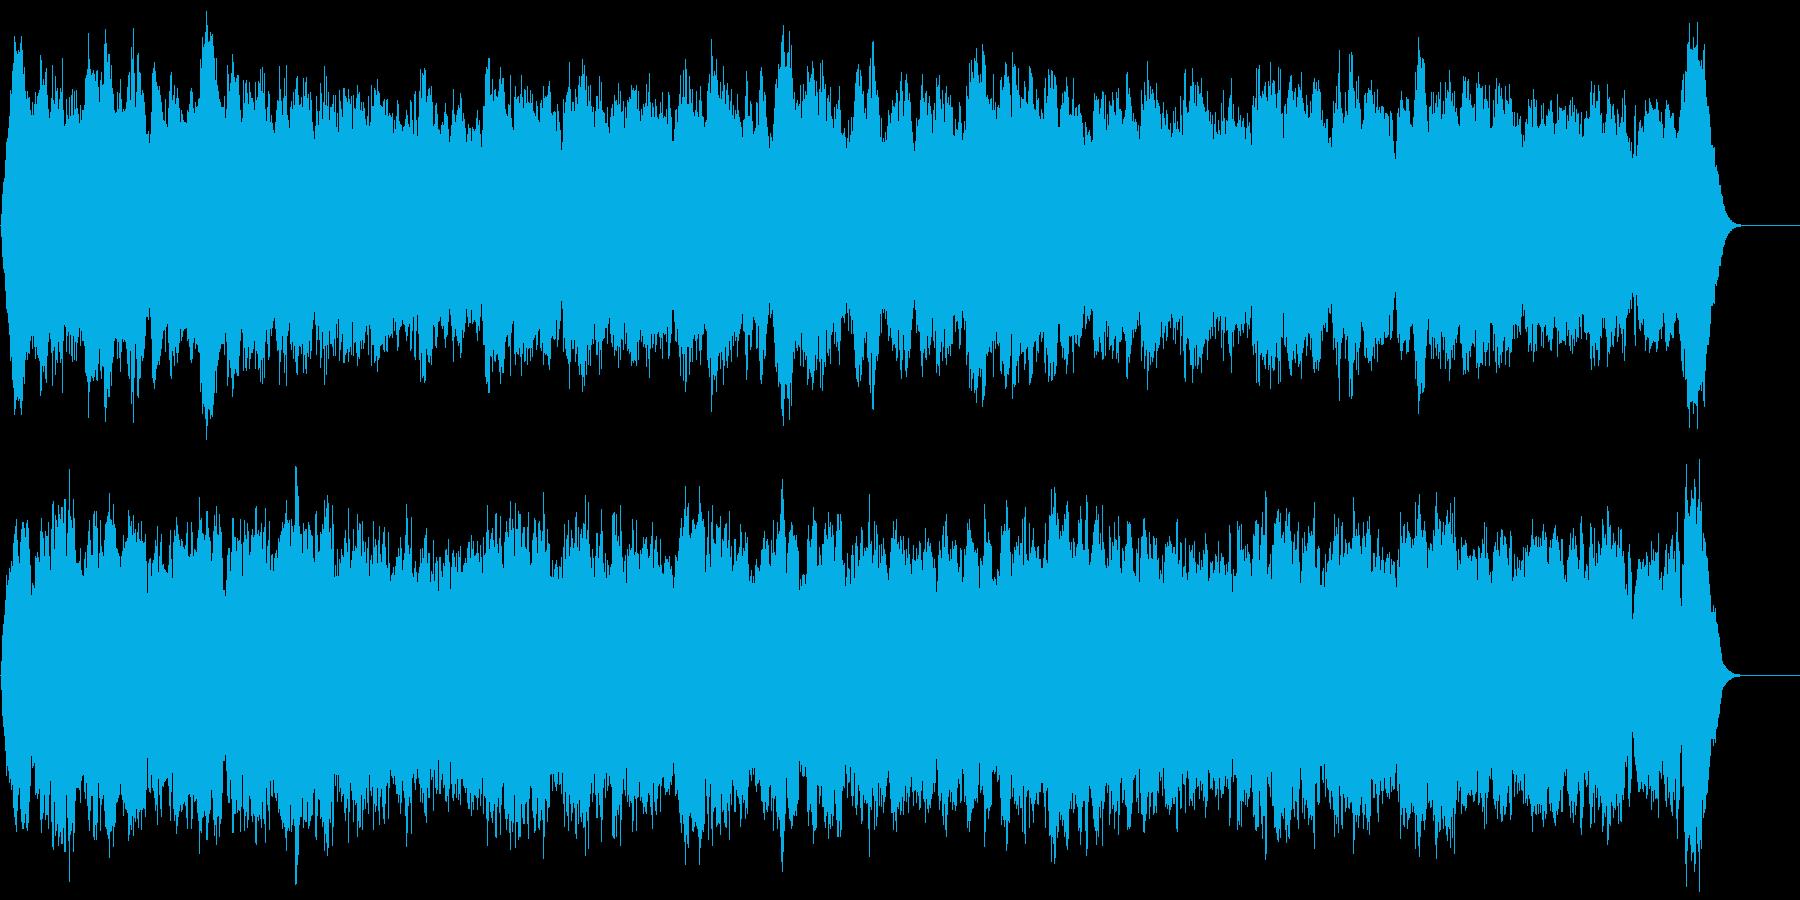 夜のイメージのパイプオルガンオリジナル曲の再生済みの波形